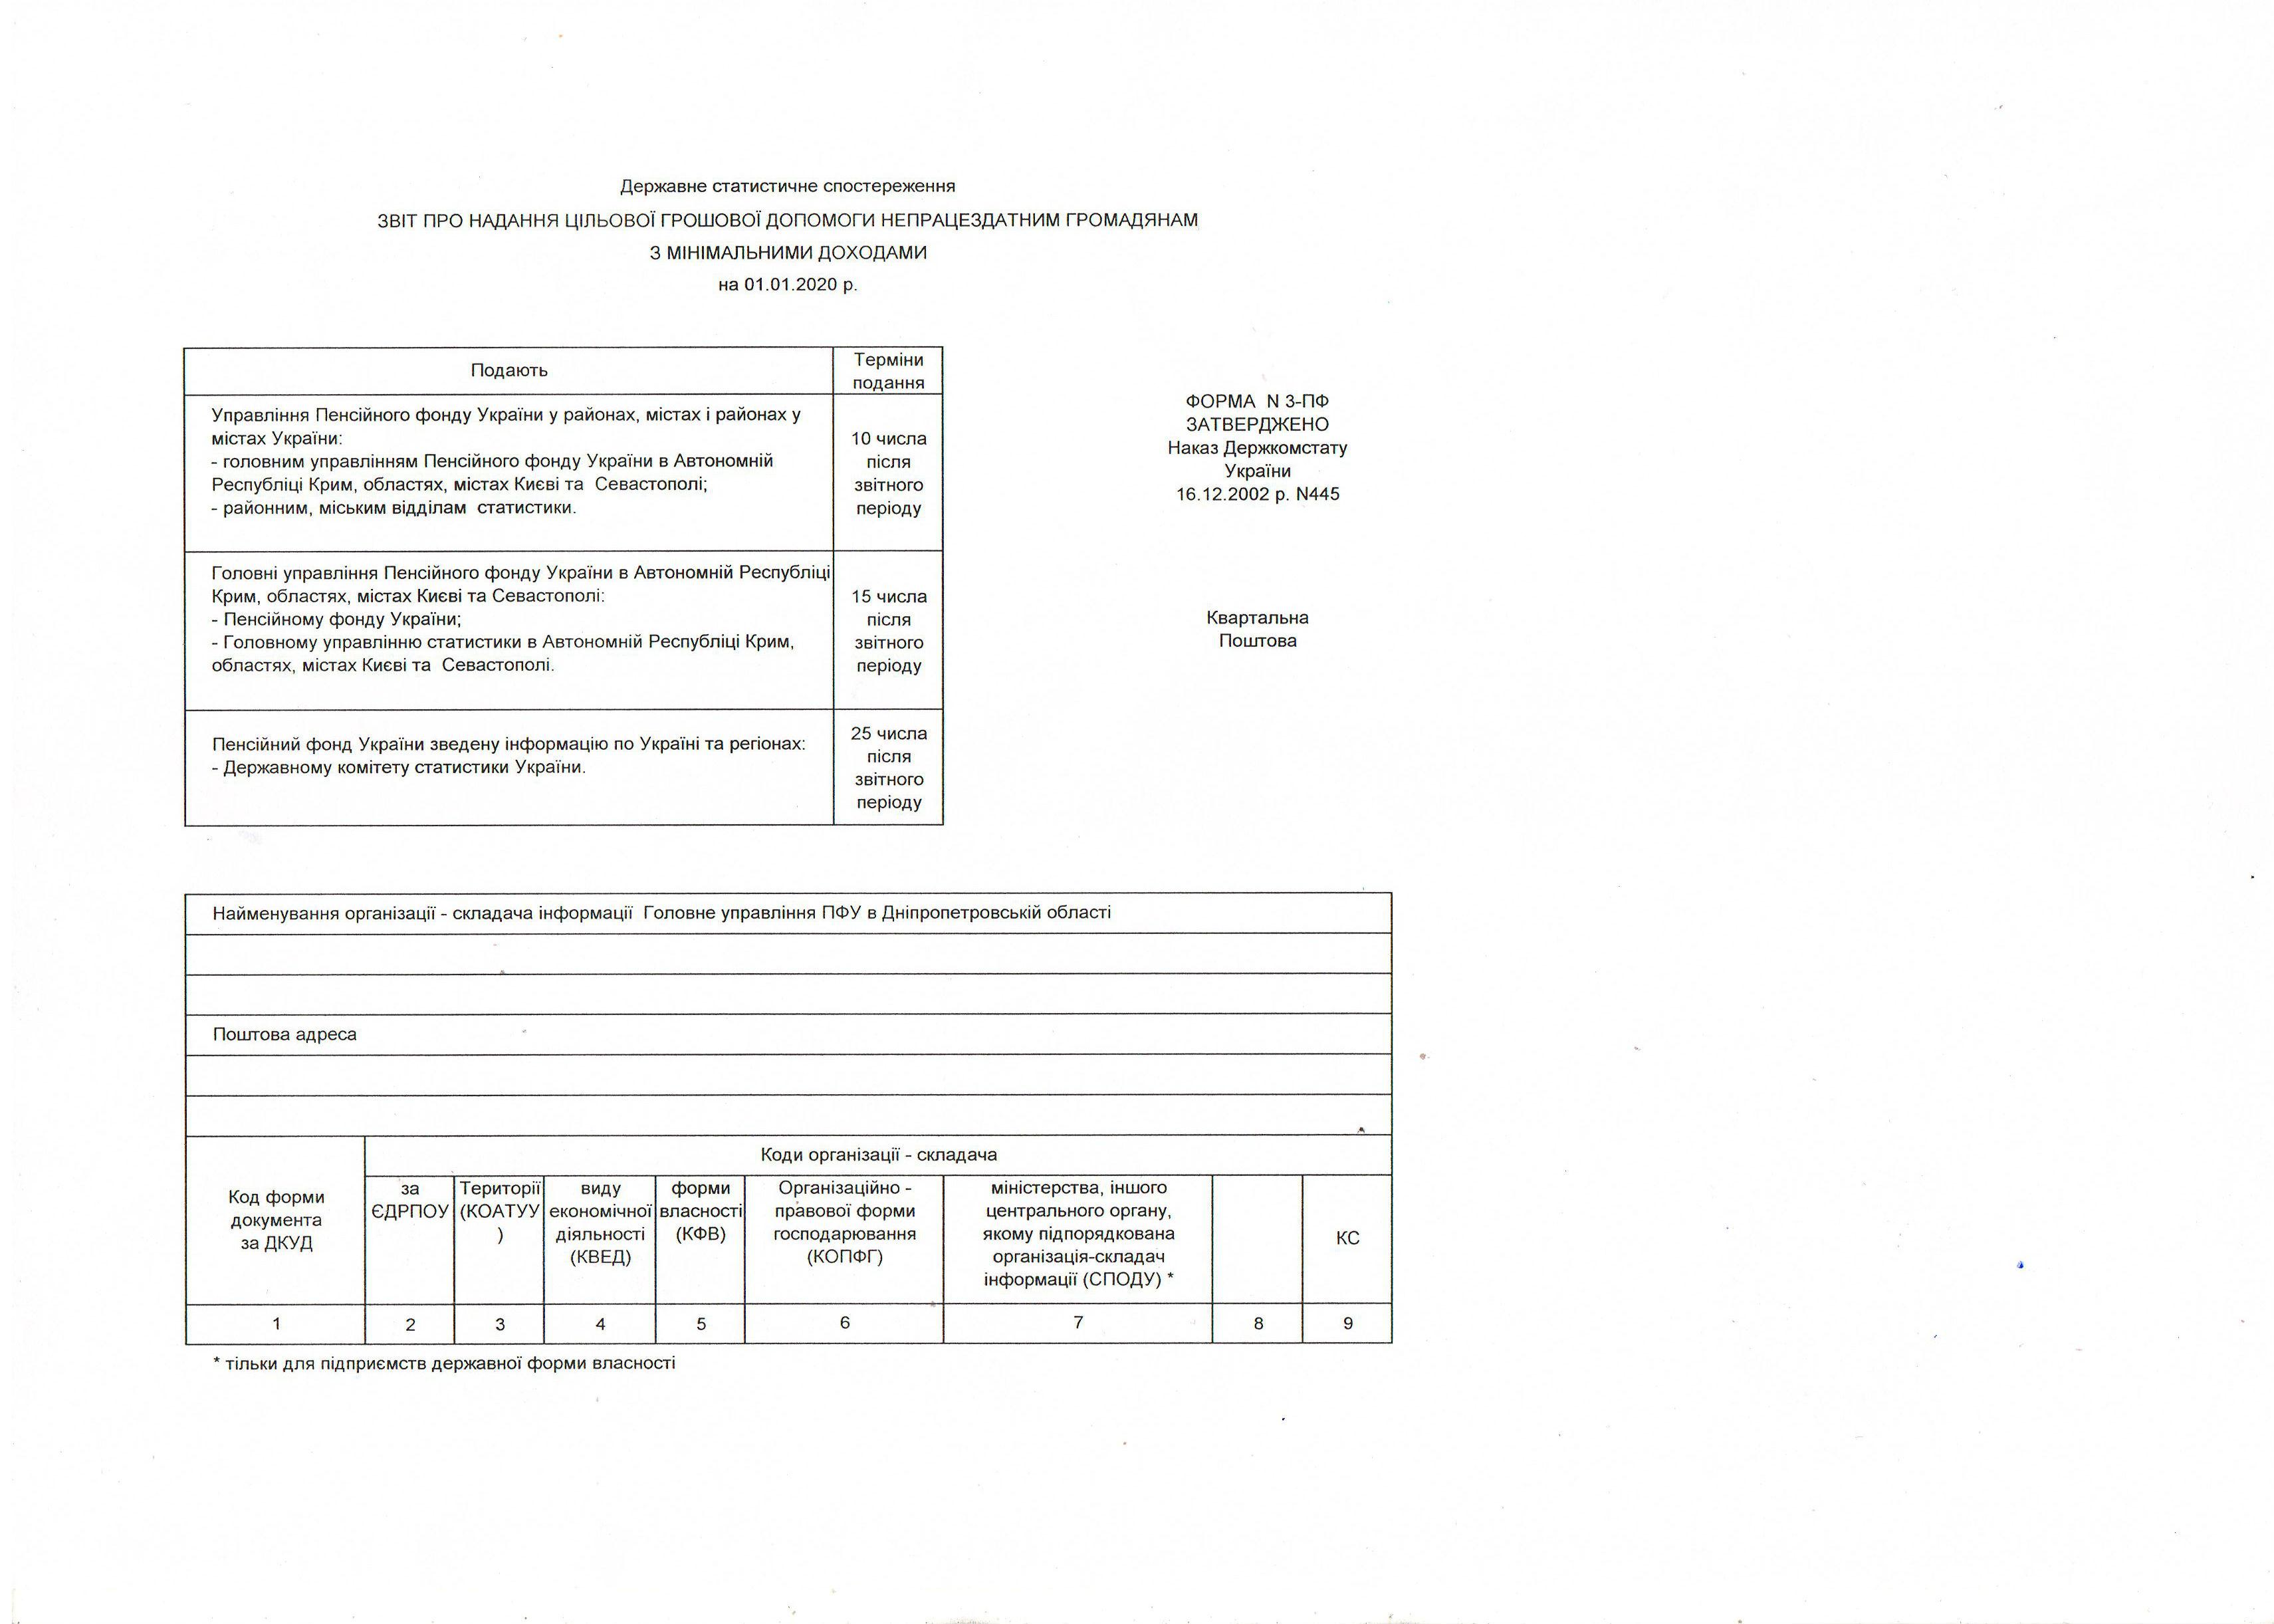 pokaznyky 05022020 1 - Звіт про надання цільової грошової допомоги непрацездатним громадянам з мінімальними доходами (форма 3-ПФ) за станом на 01.01.2020